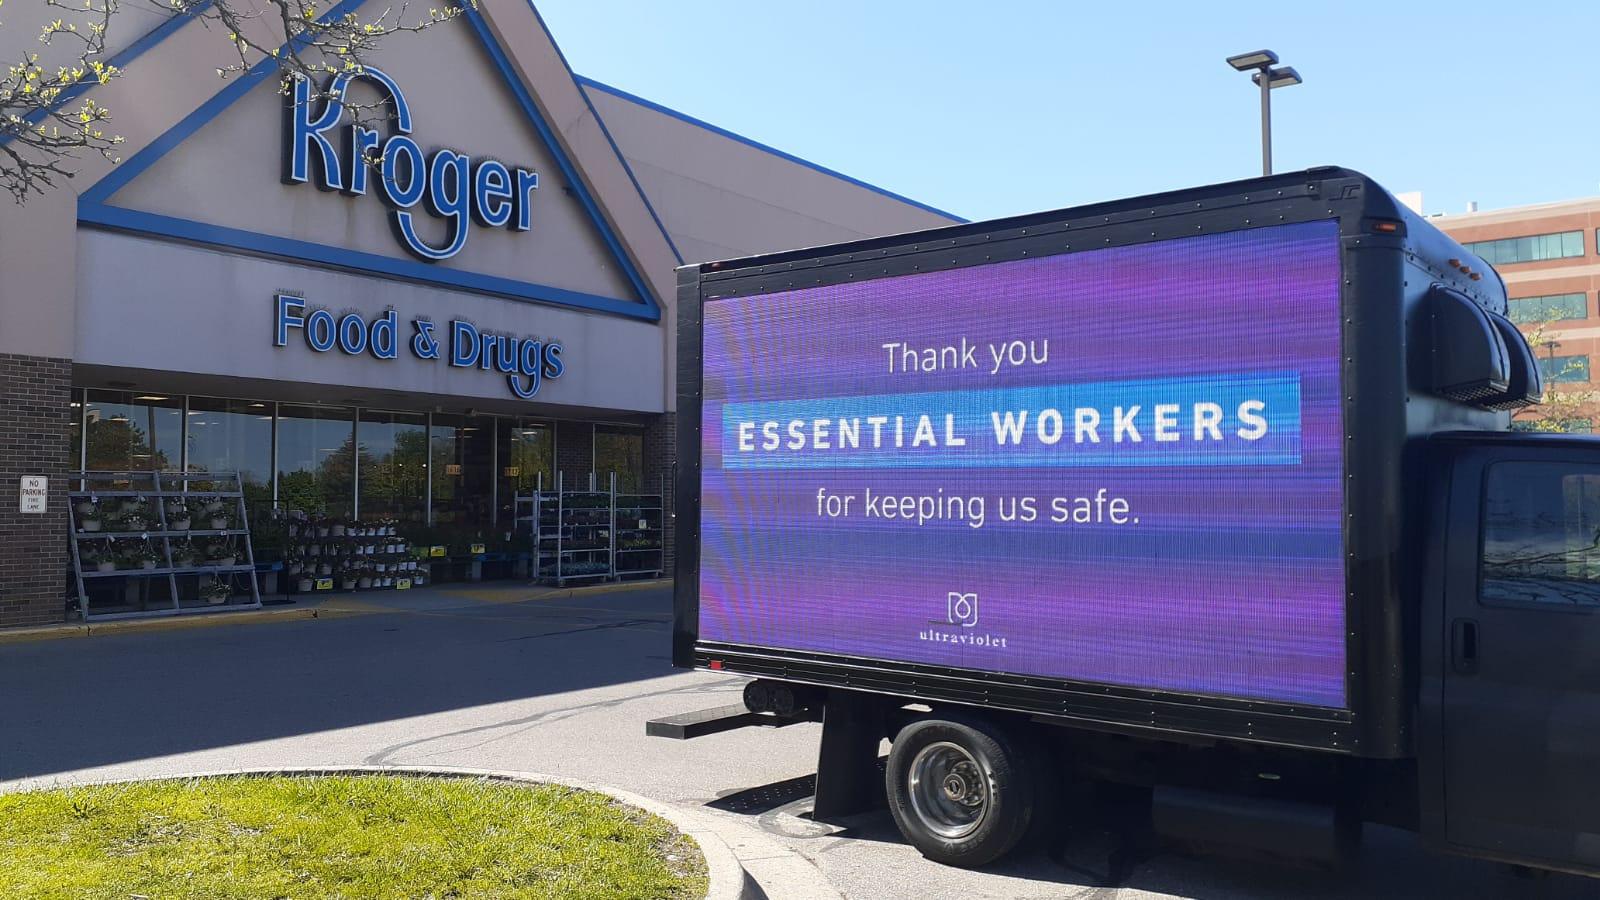 billboard thanking Kroger workers